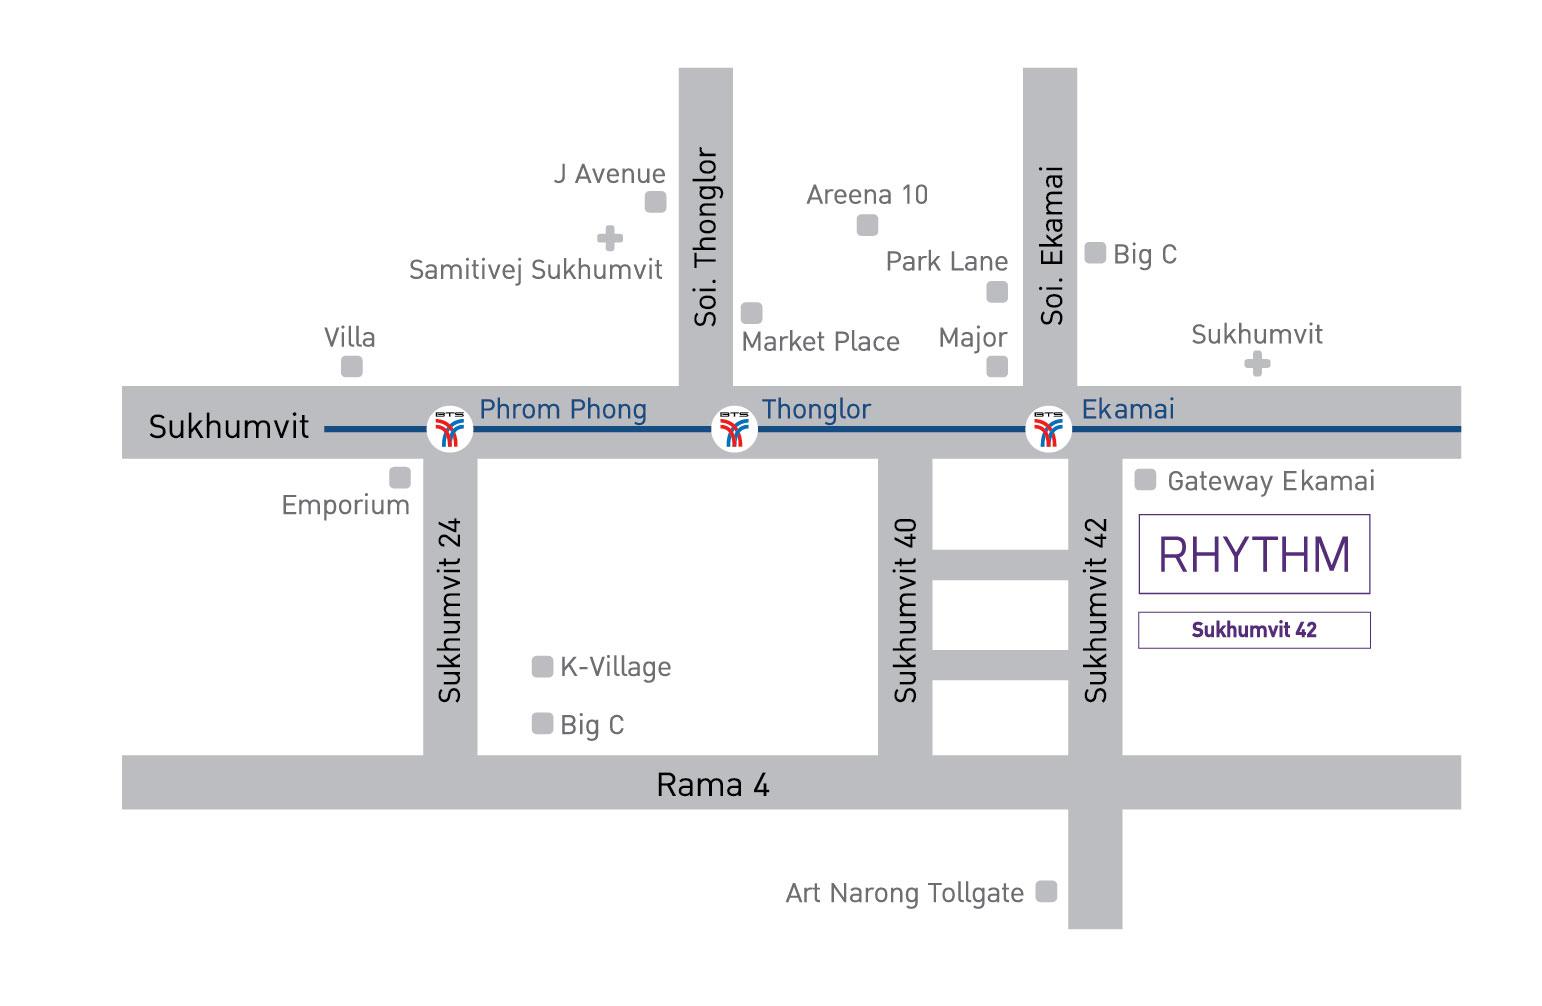 Rhythm Sukhumvit 42 Condo near BTS Condo in Ekkamai Buy condo in Ekkamai Rent condo in Ekkamai 1-bedroom condo 2-bedroom condo